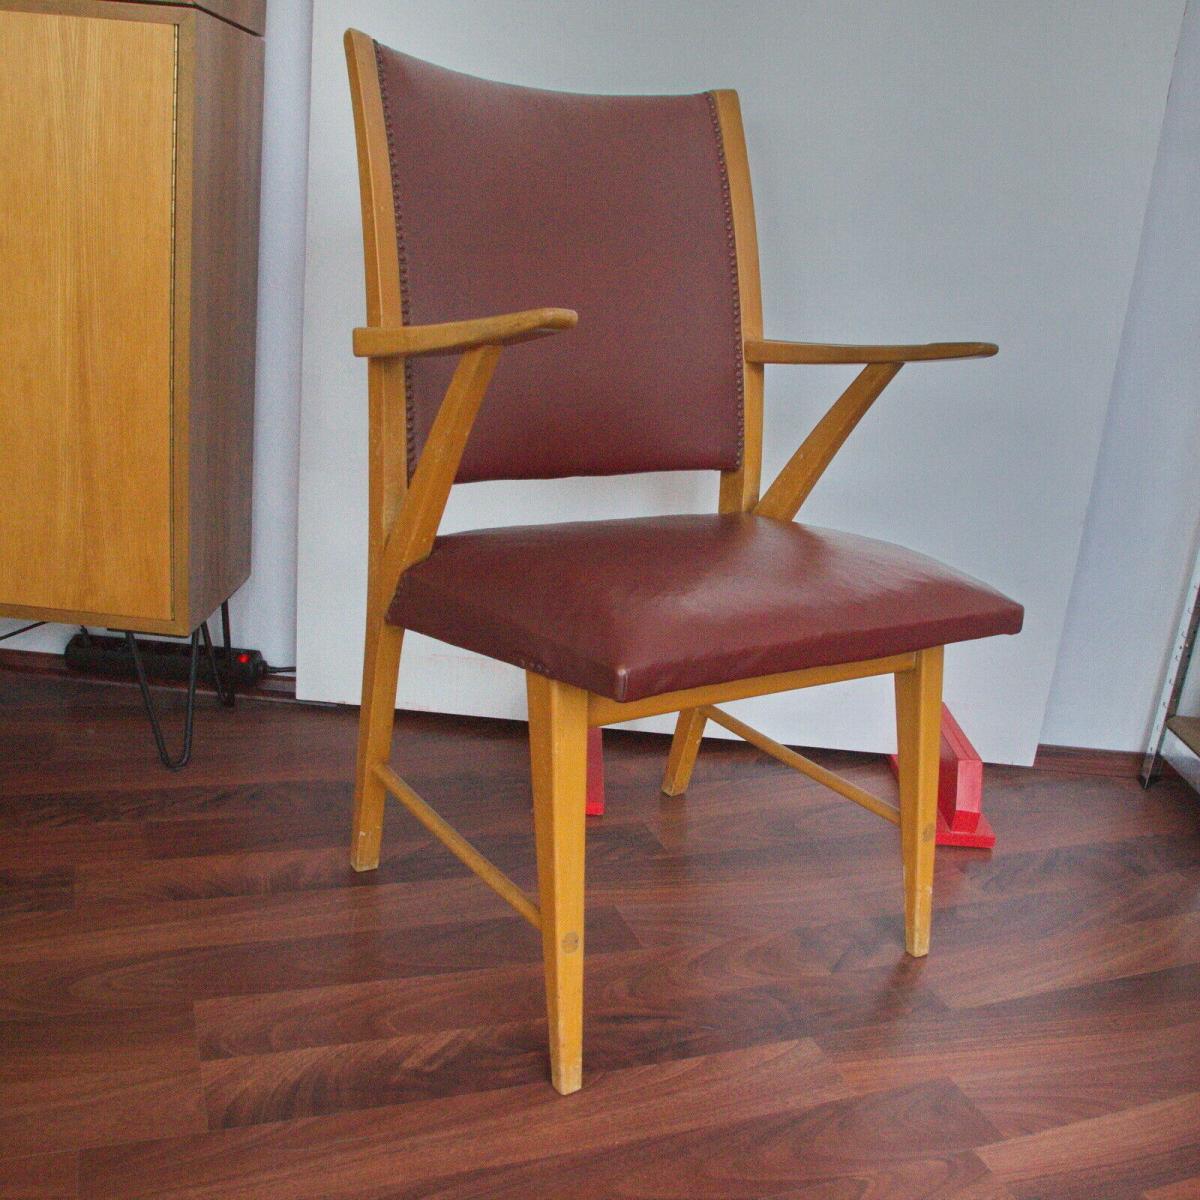 Fröscher möbel saalstuhl stuhl sessel skai kunstleder aus behörde 50er  jahre #1